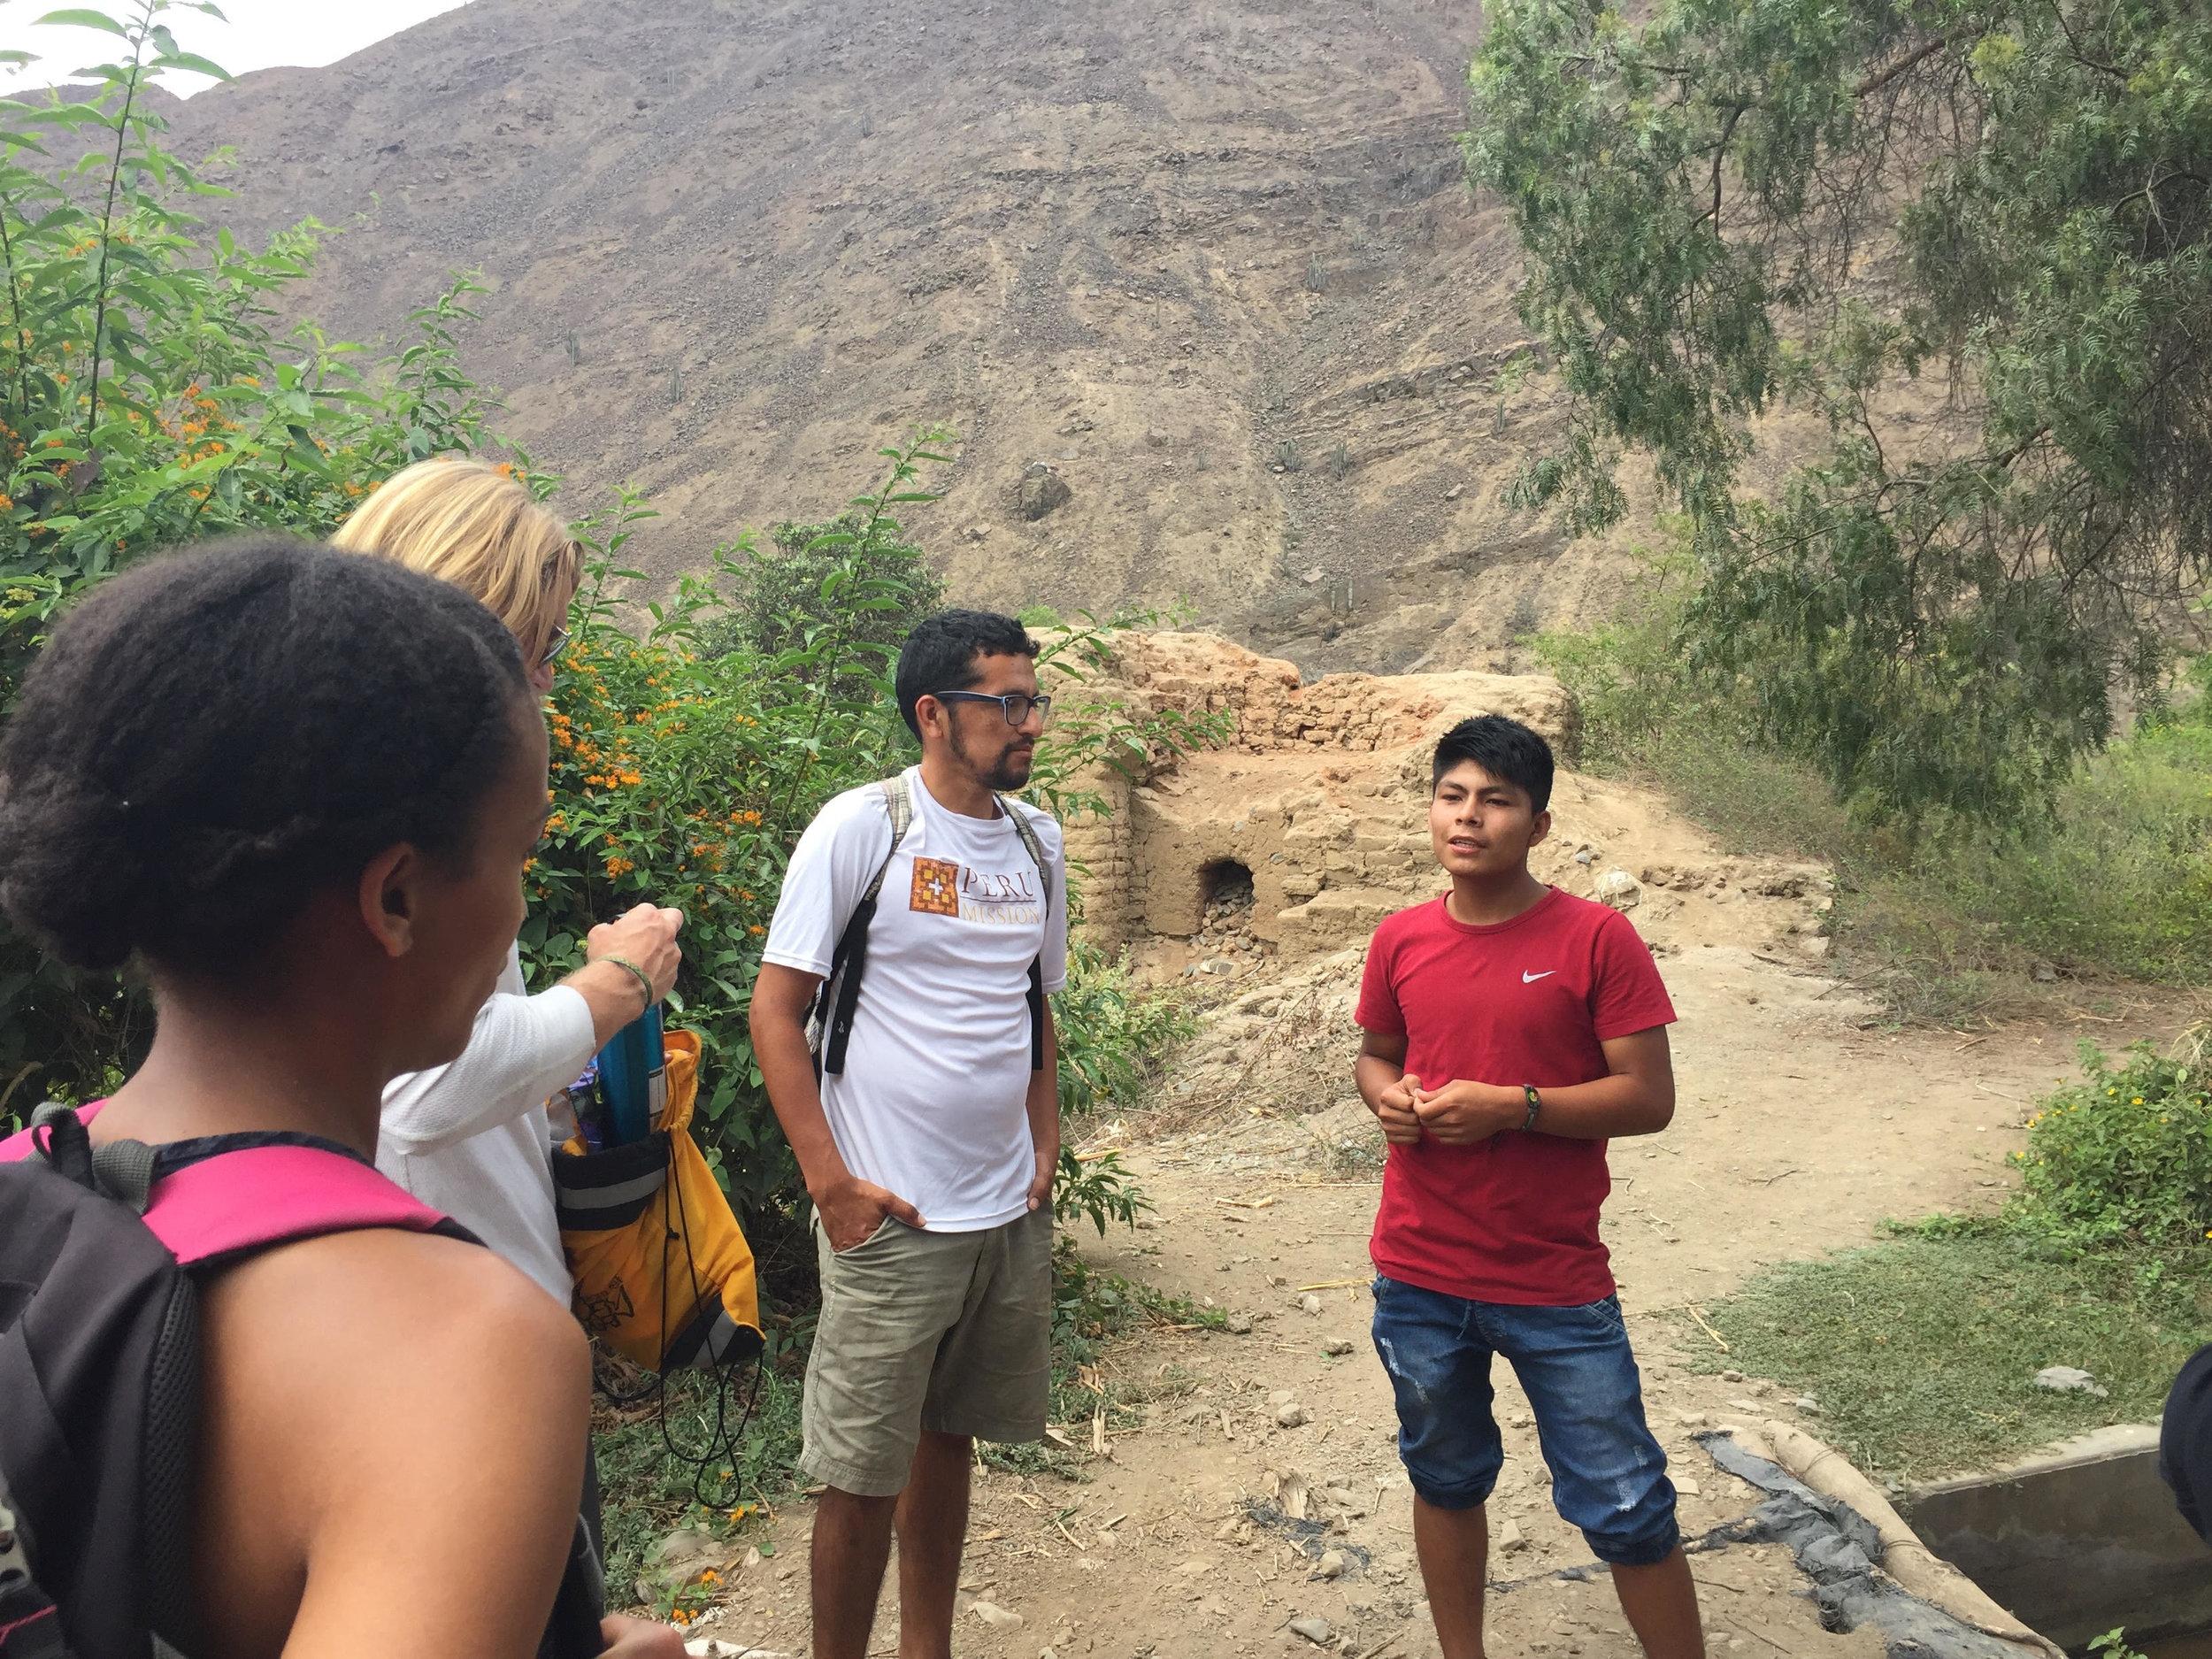 Touring Simbal, Peru